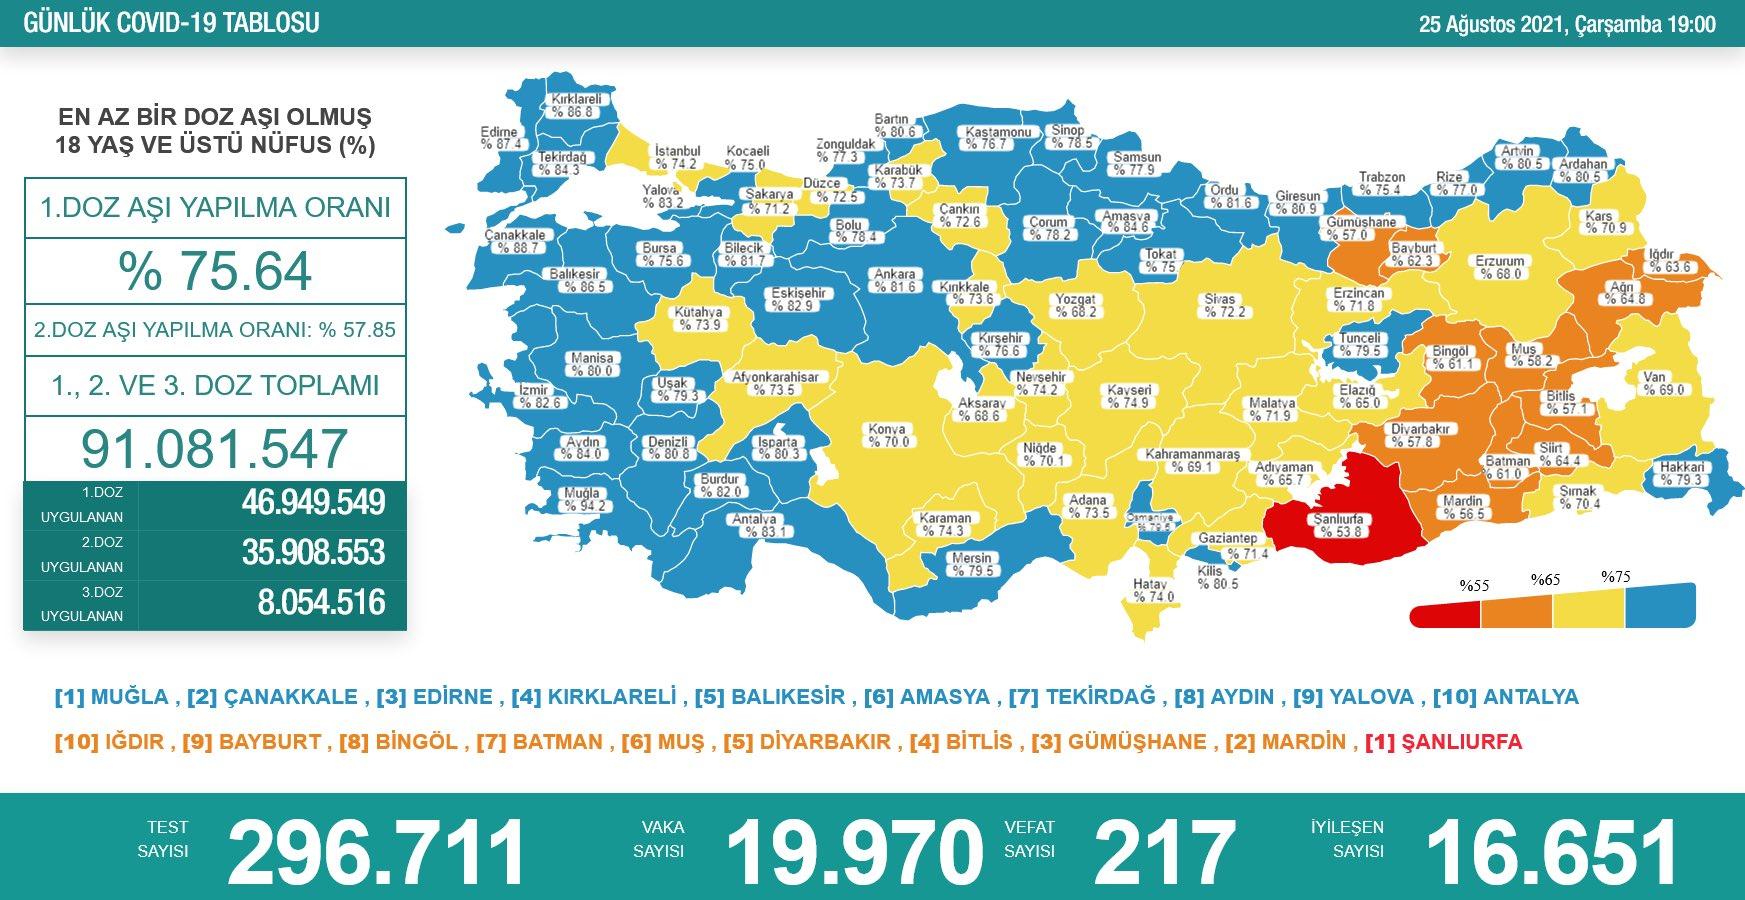 25 Ağustos 2021 Türkiye Koronavirüs Tablosu Açıkladı